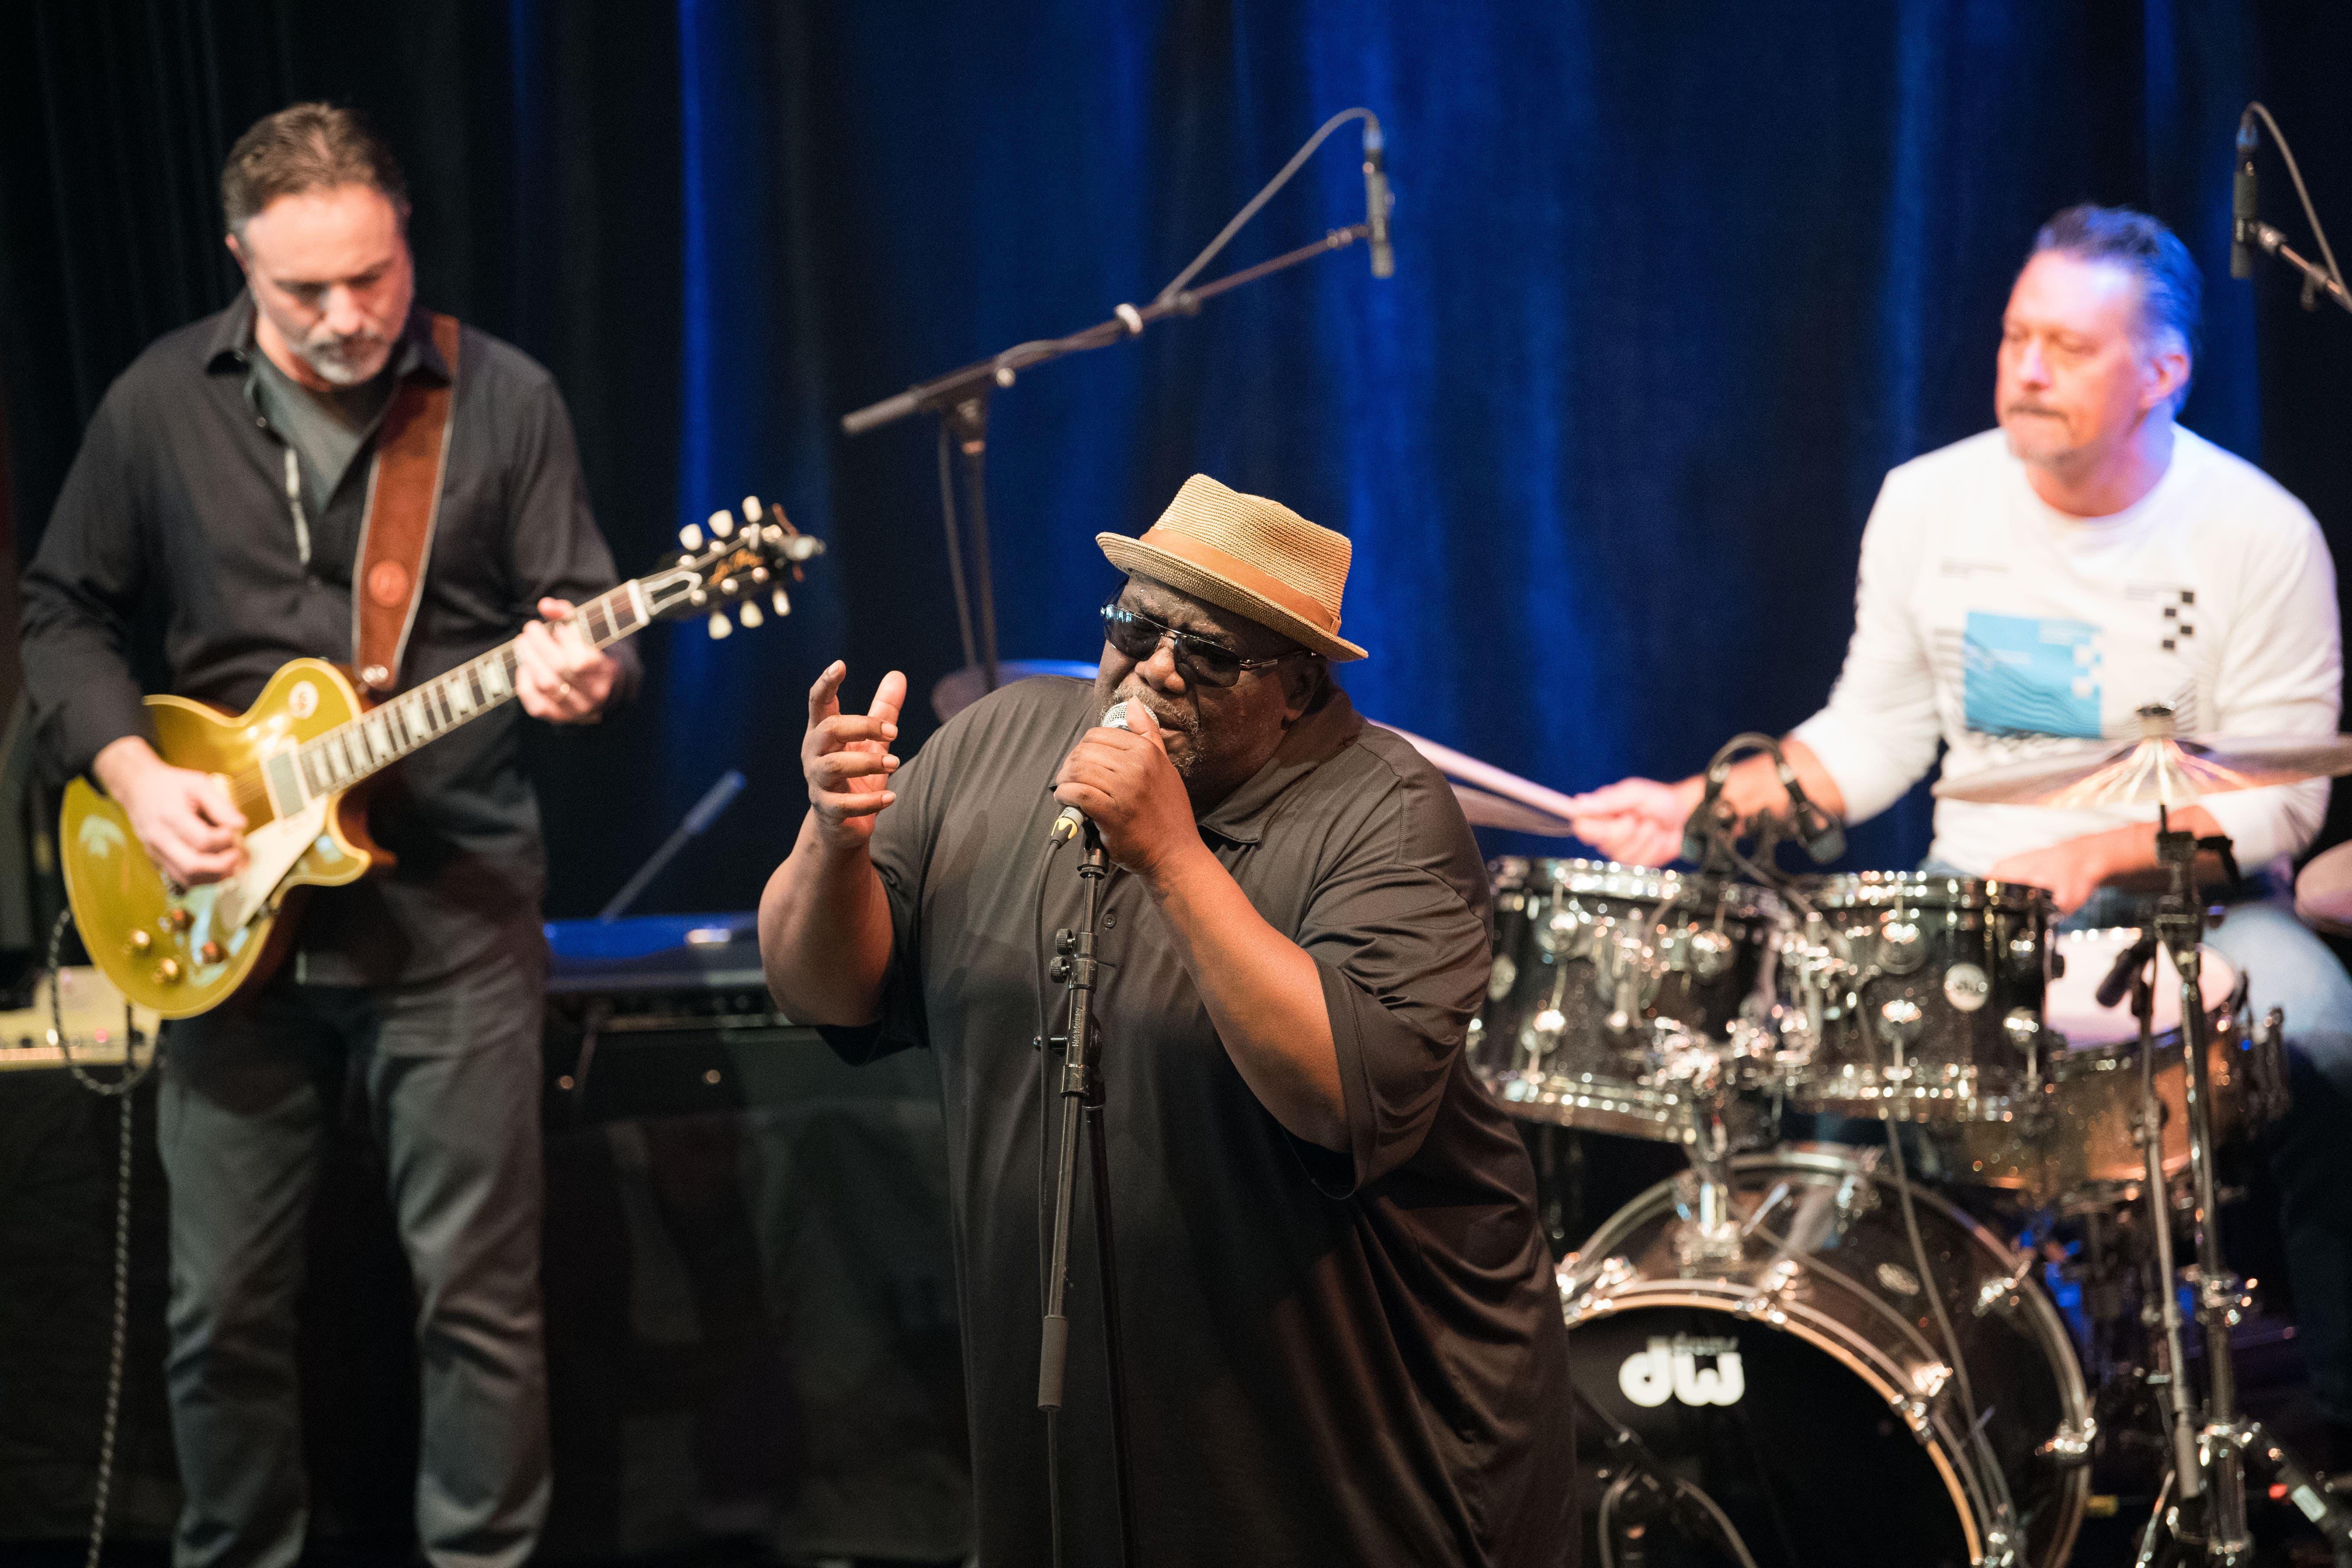 Die Altered Five Blues Band mit der kernigen Stimme von Jeff Taylor zog das Publikum in seinen Bann.